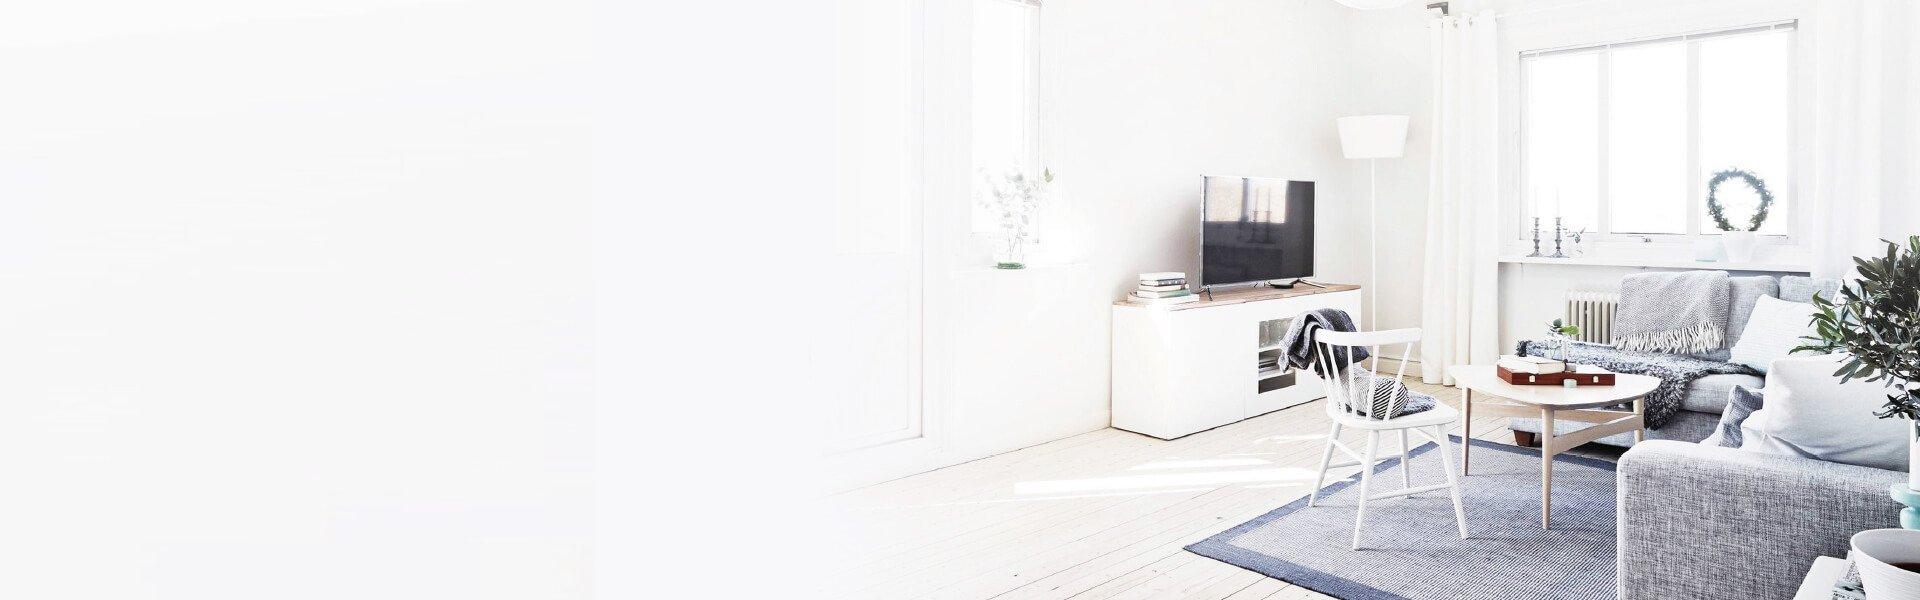 Foto de un salón pintado de color blanco